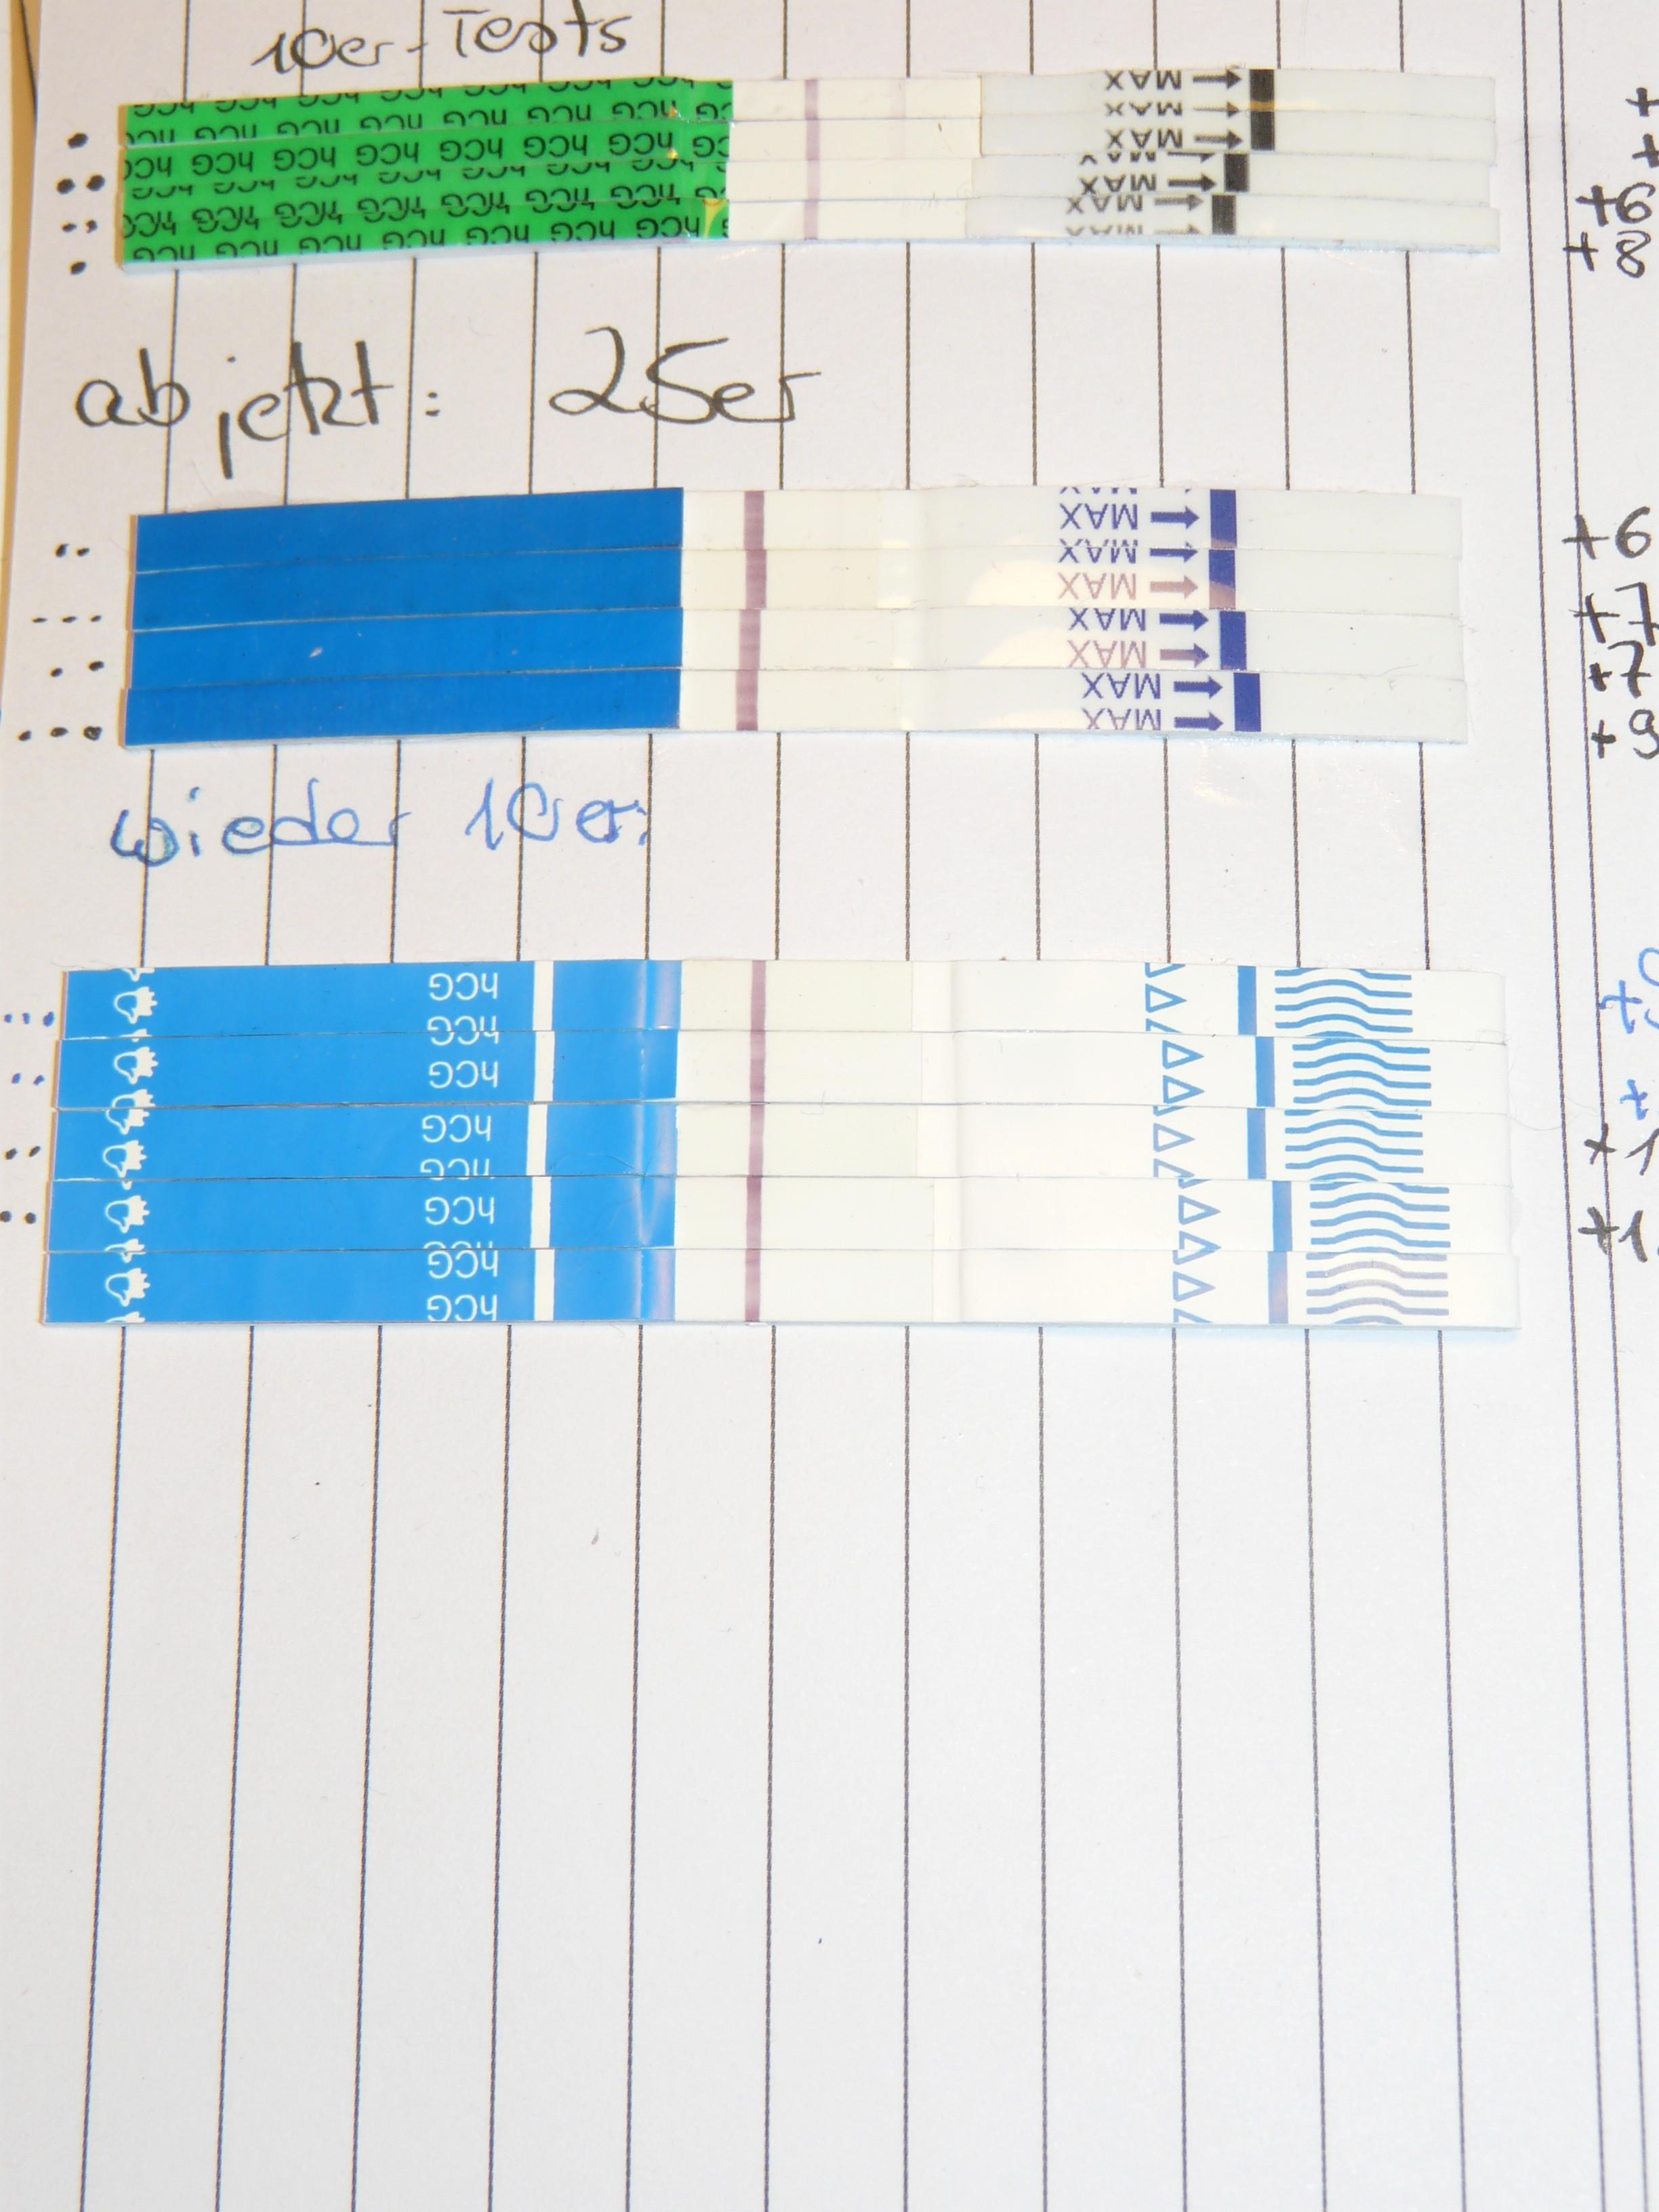 Hcg Wert Tabelle  September 2013